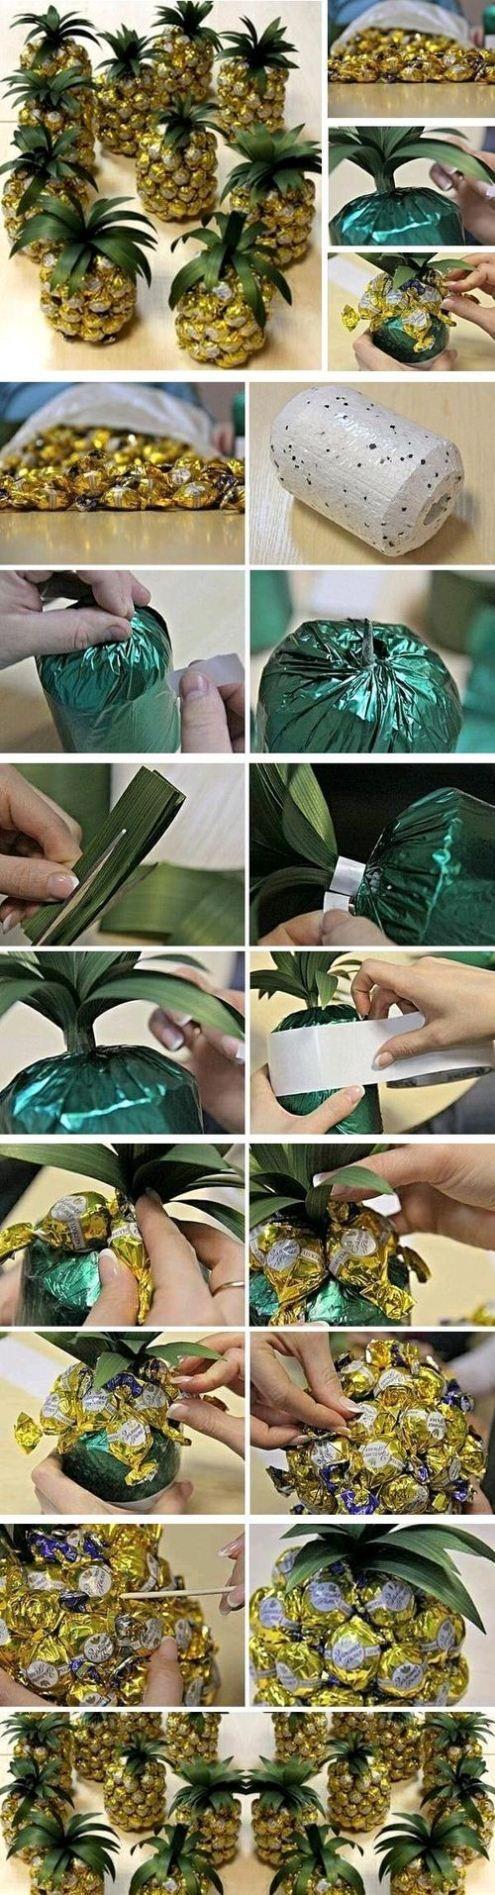 Piña de bombones #DIY #manualidades: